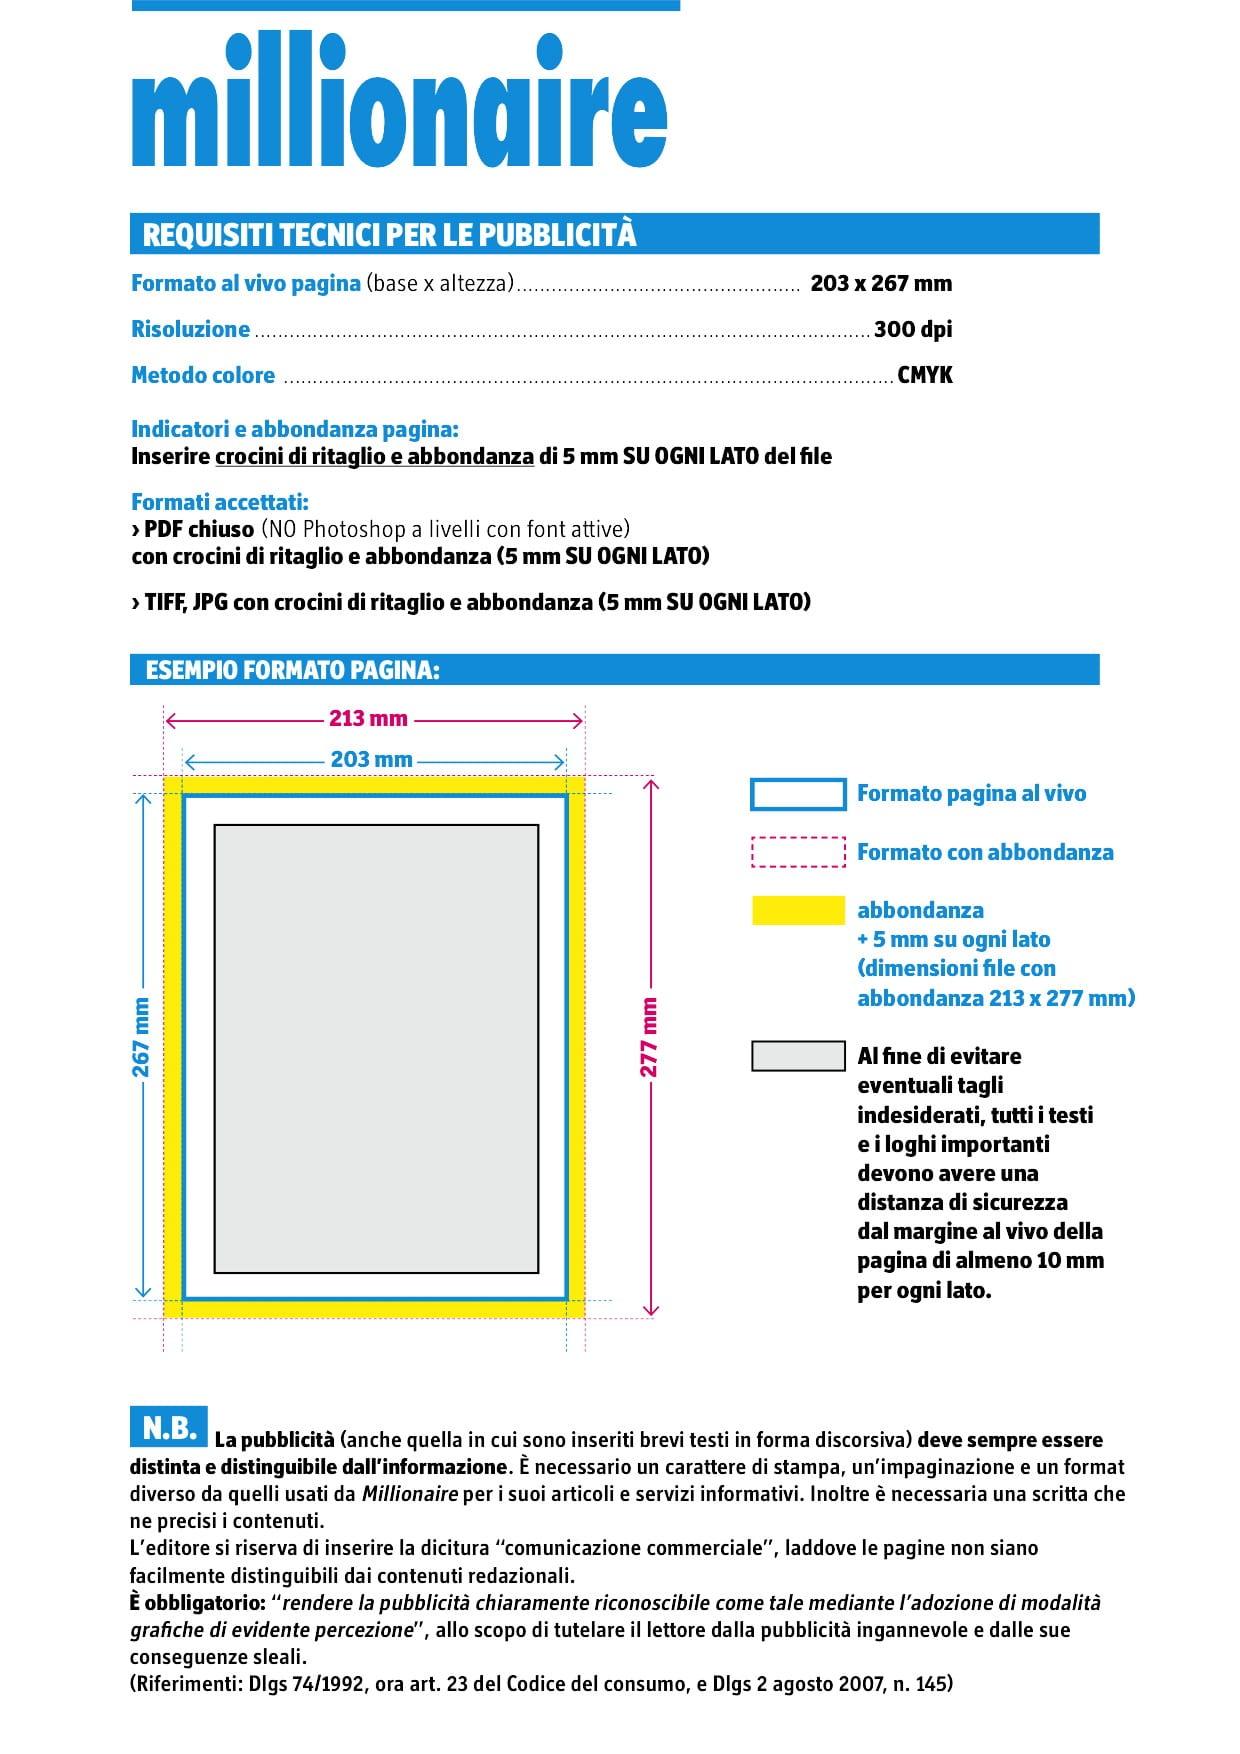 Requisiti tecnici formato pagina Millionaire